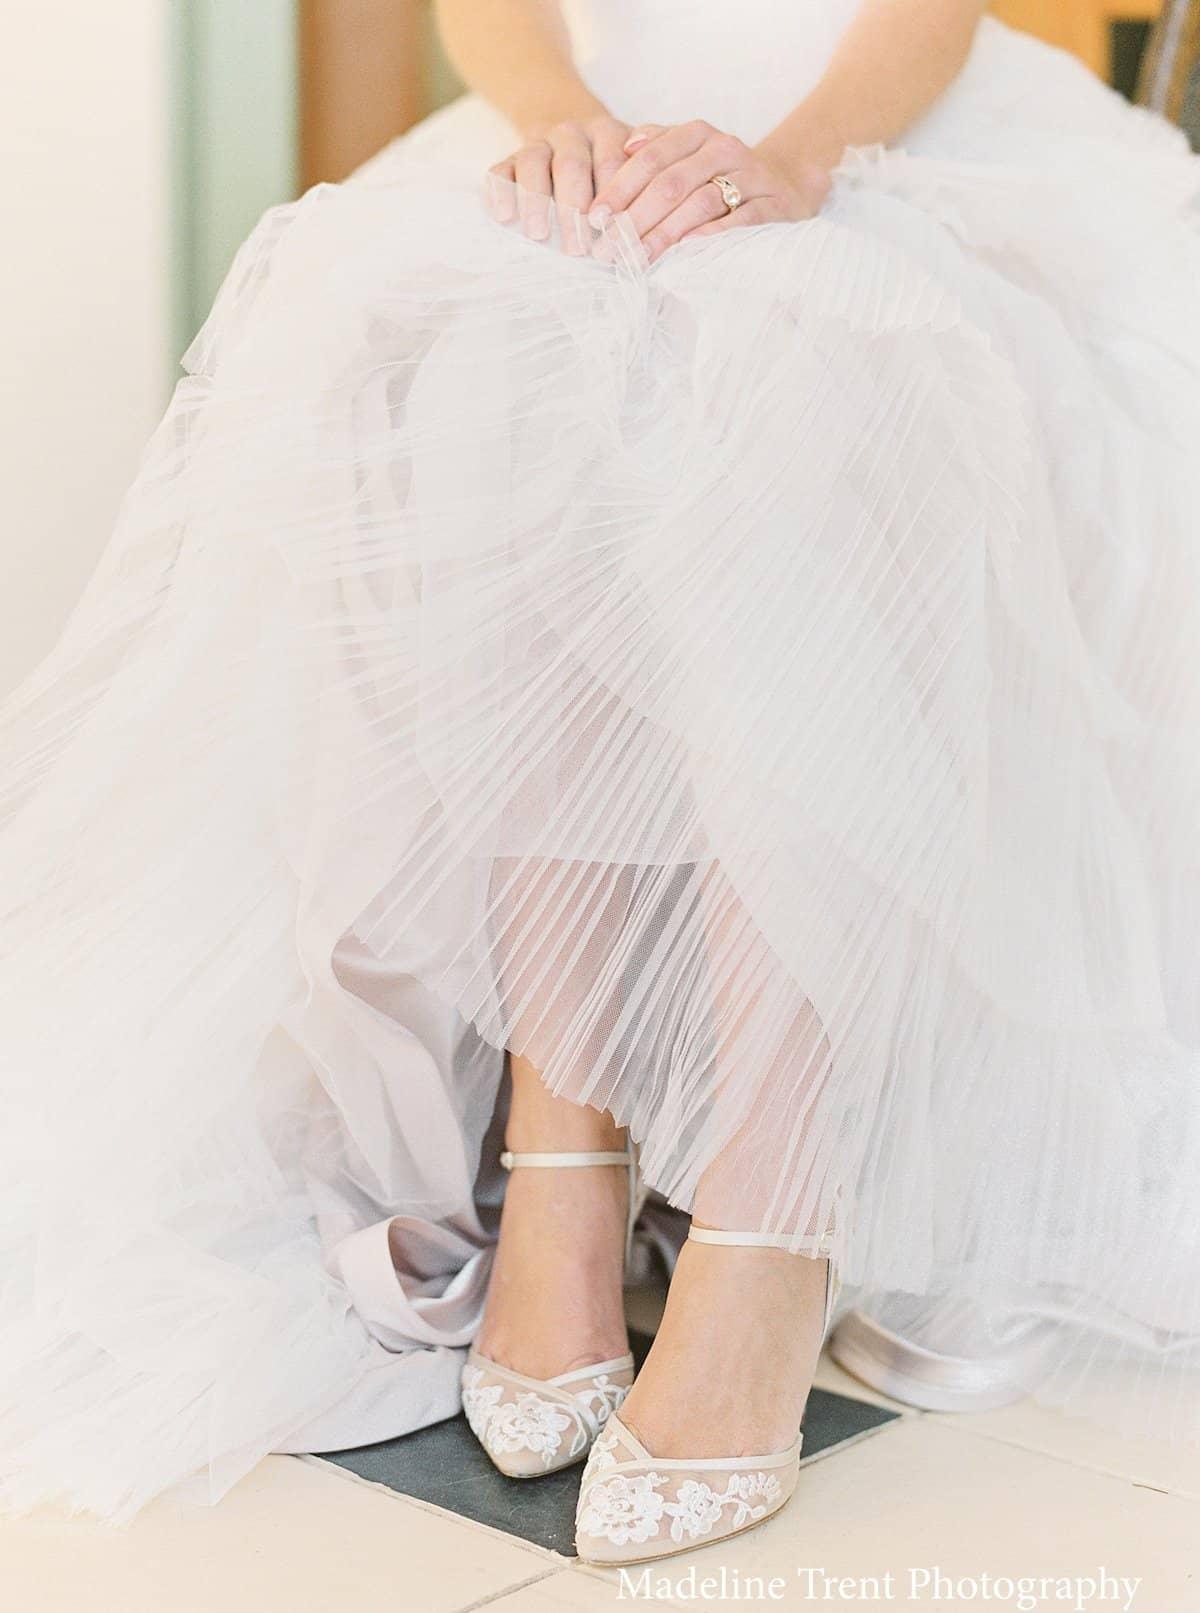 candice bella belle shoes talon 6,5cm ivoire dentelle nude fleur broderie geneve boutique centre-ville mariage